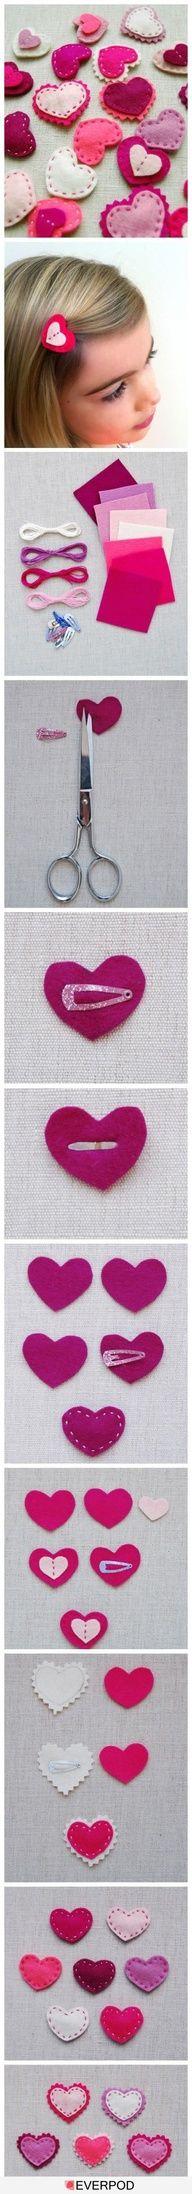 Felt heart hair clip - easy DIY